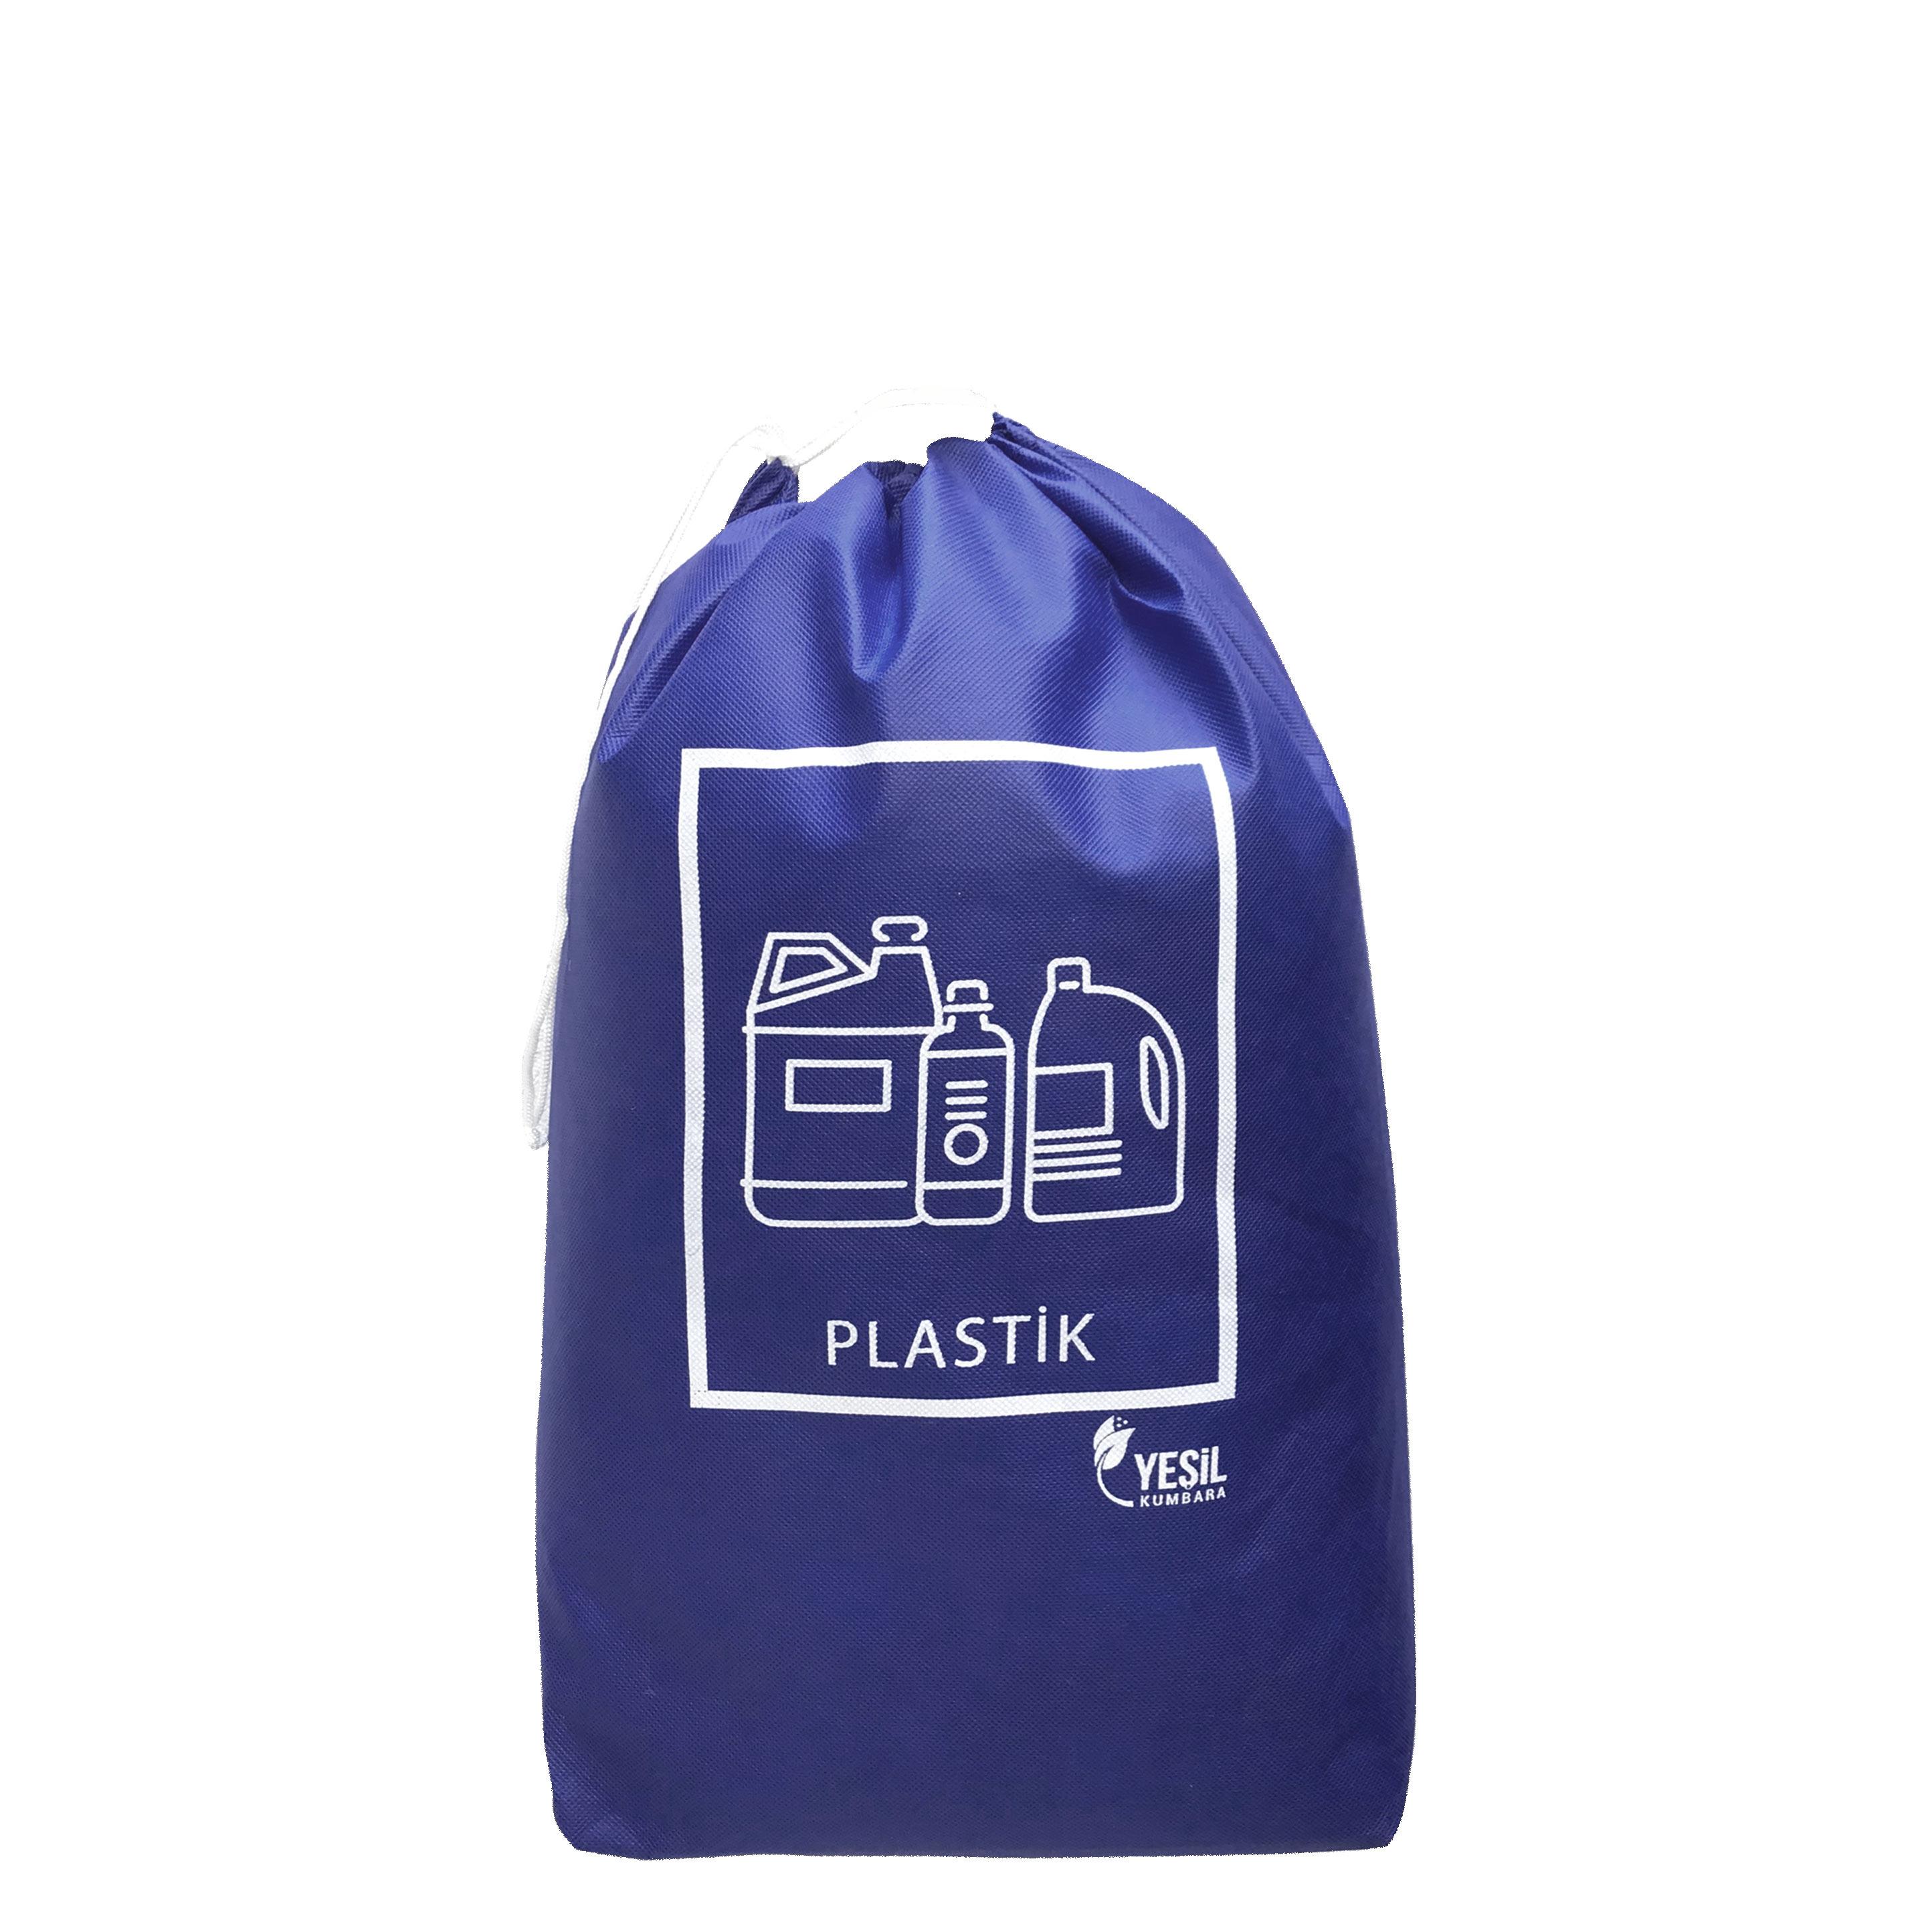 plastik atik ayristirma torbasi - Ayrıştırma Üniteleri